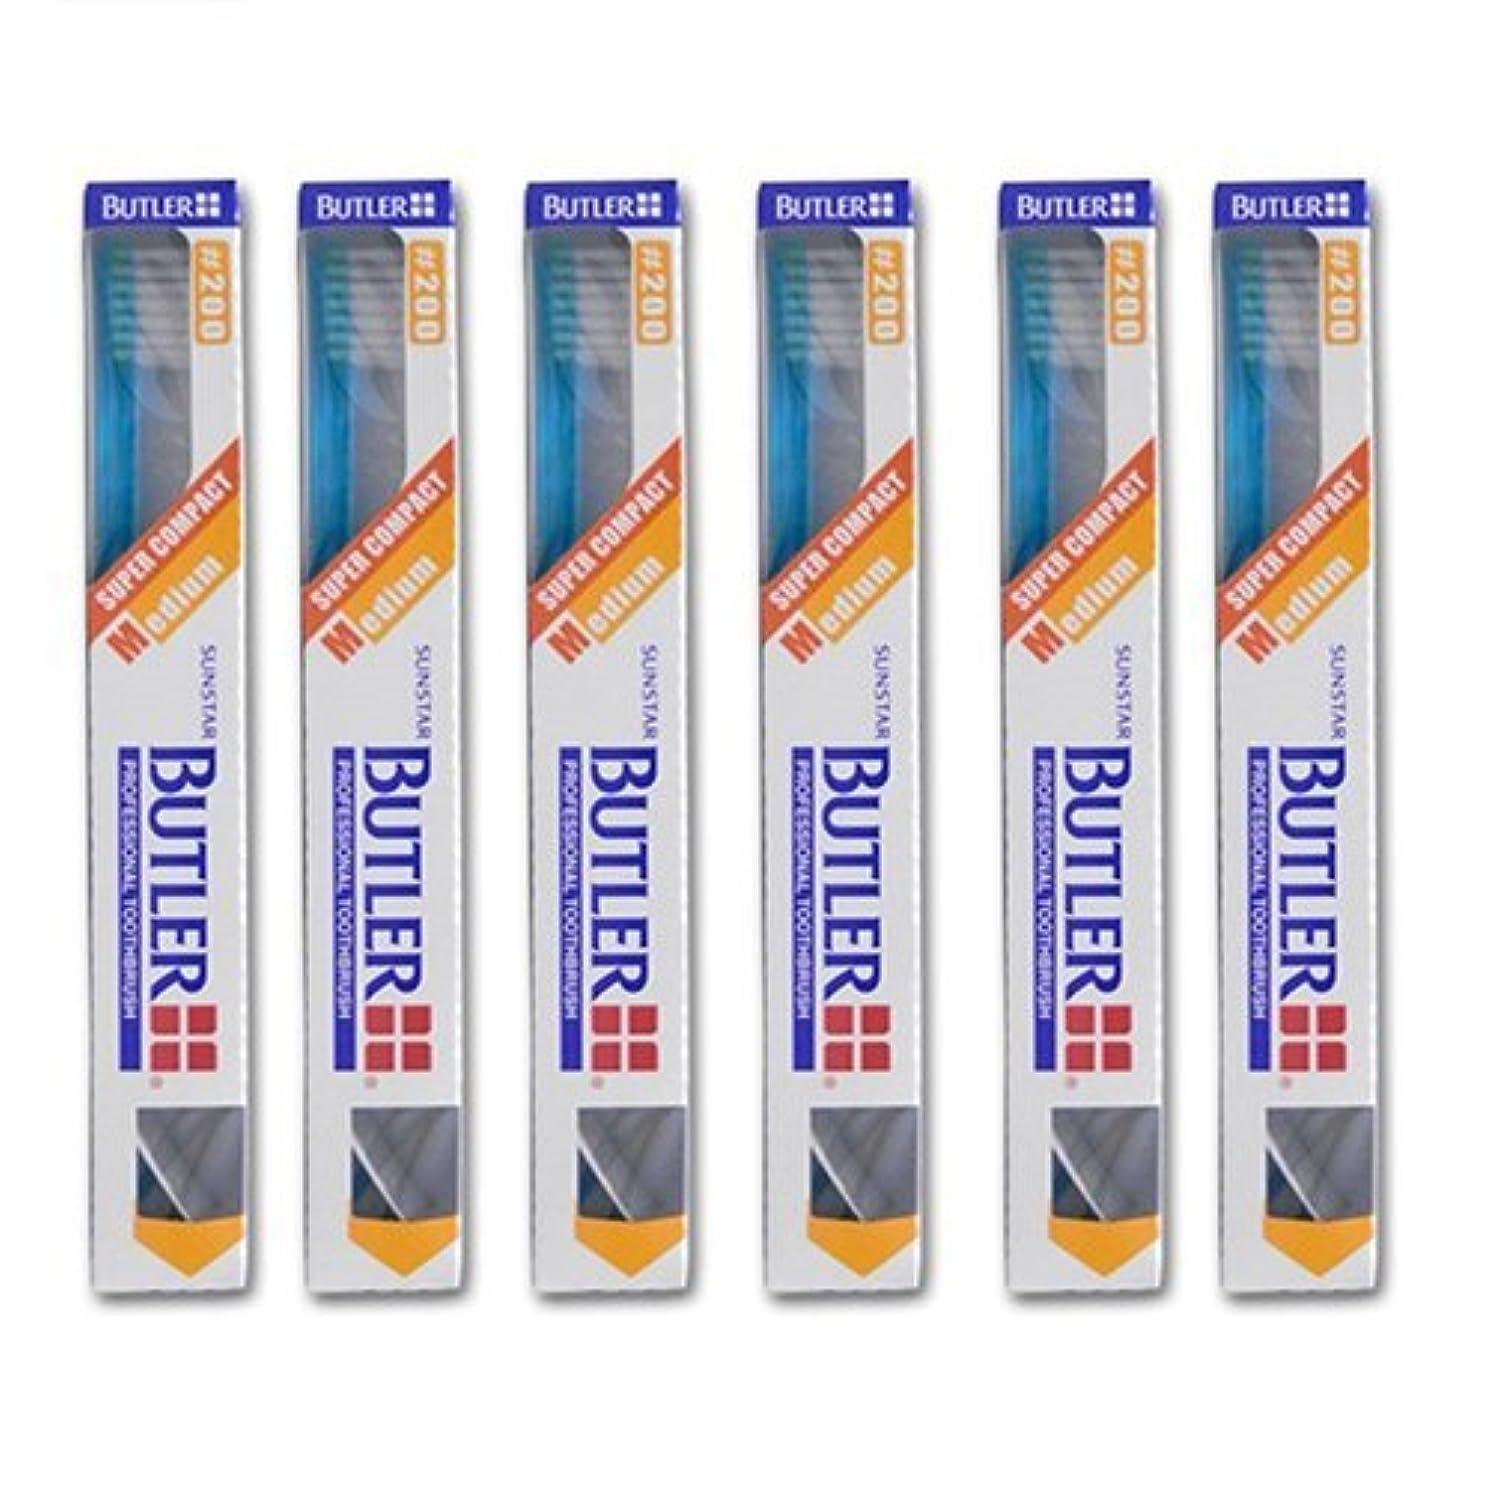 バトラー 歯ブラシ 6本 #200